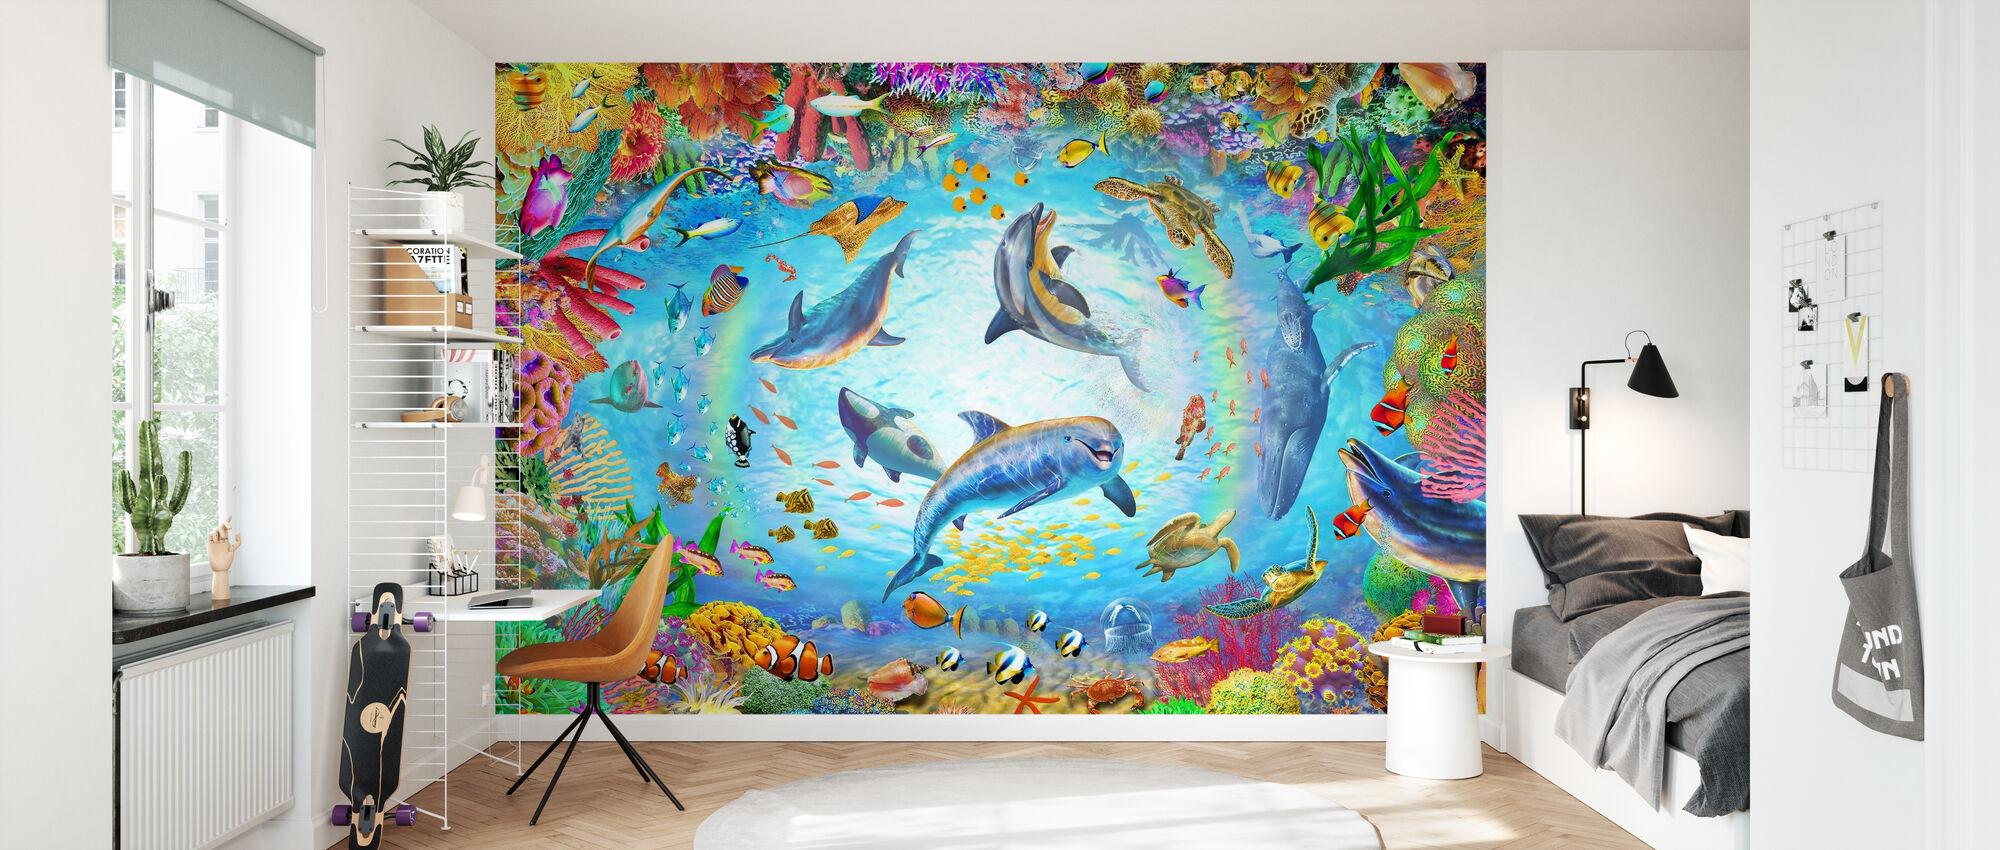 Underwater 360 - Wallpaper - Kids Room